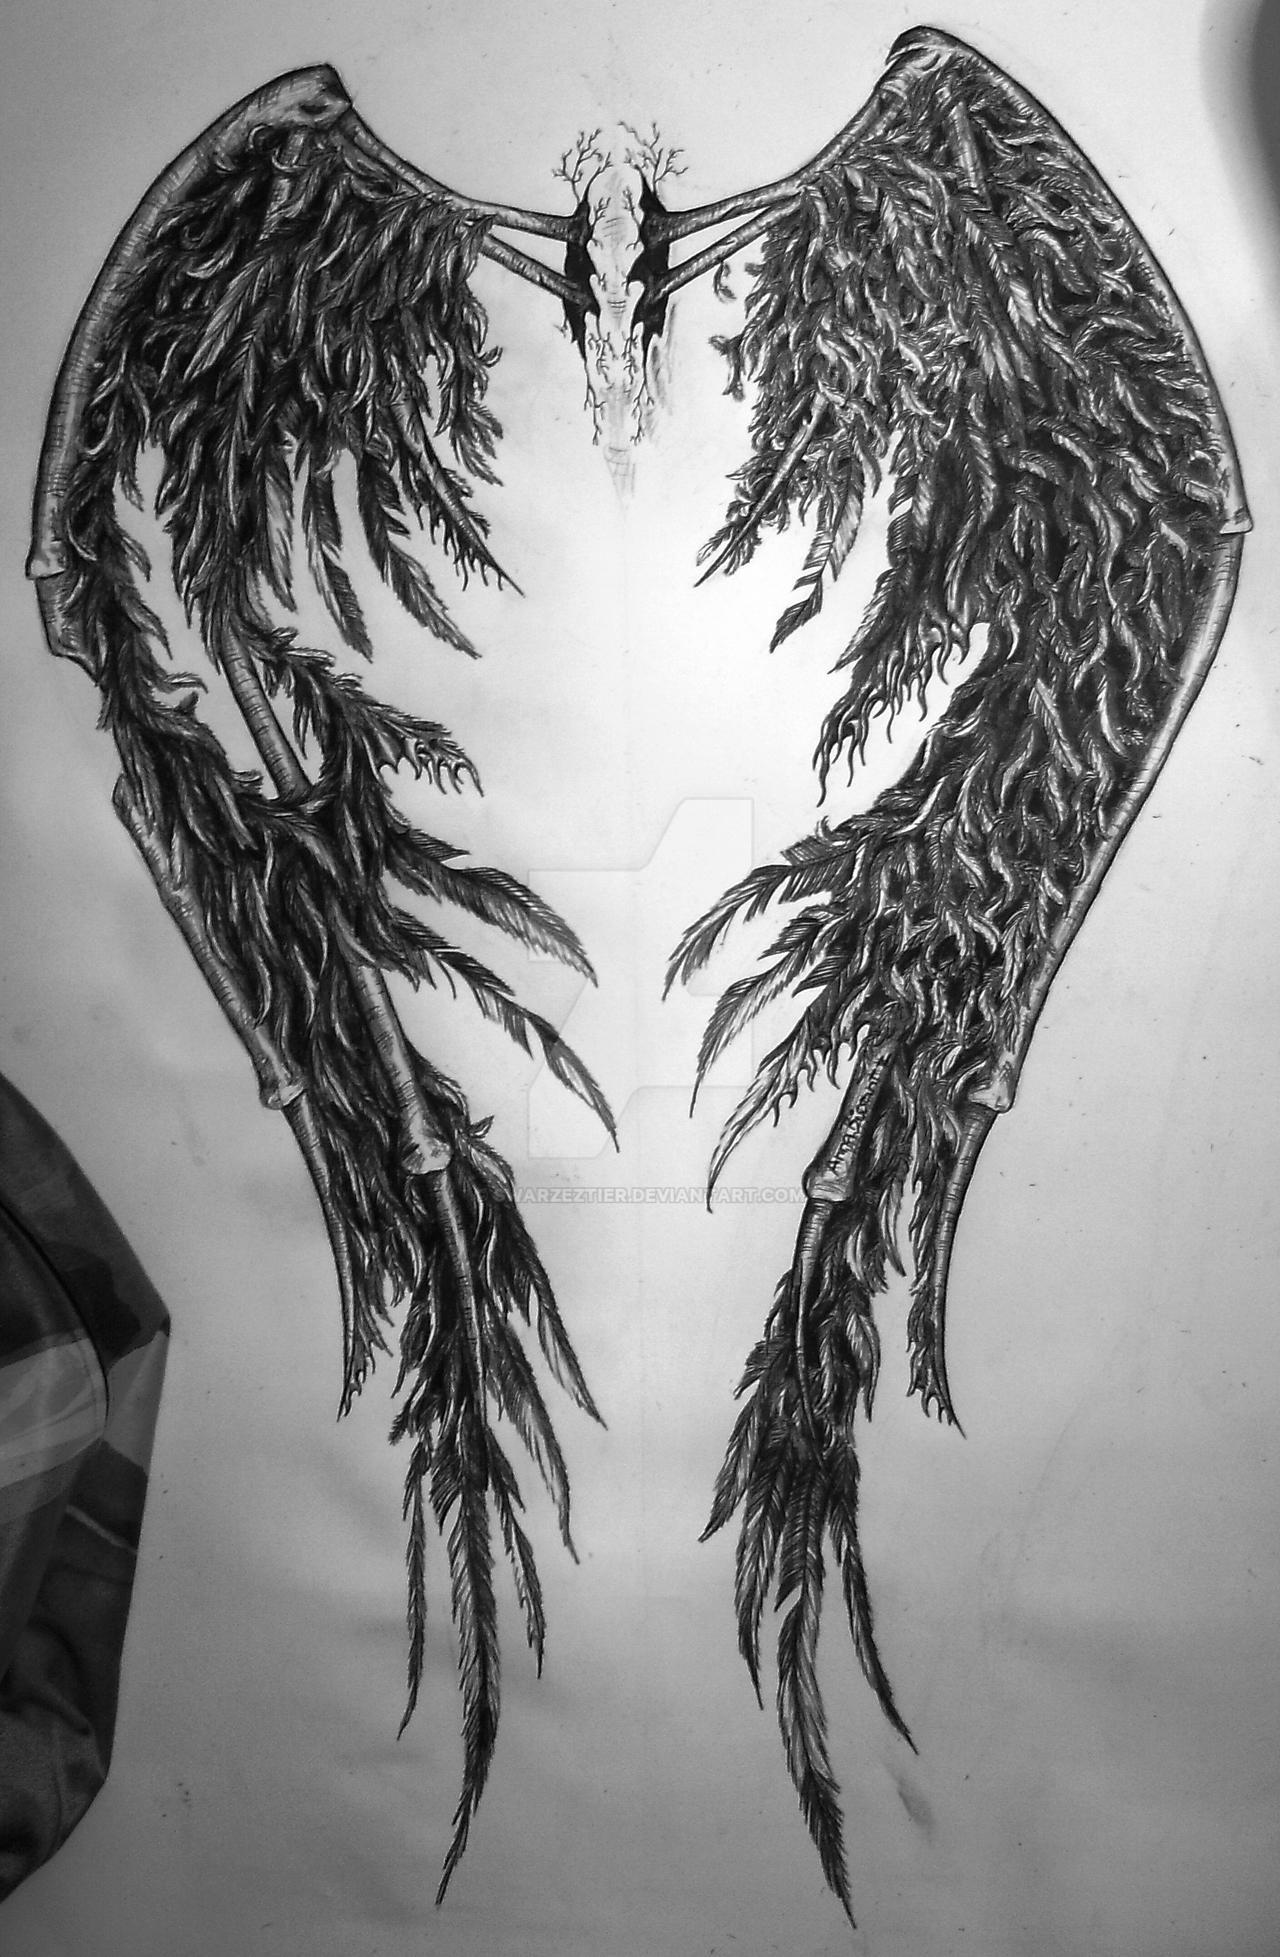 Angel wings 2 by swarzeztier on deviantart fallen angel wings 2 by swarzeztier fallen angel wings 2 by swarzeztier thecheapjerseys Choice Image